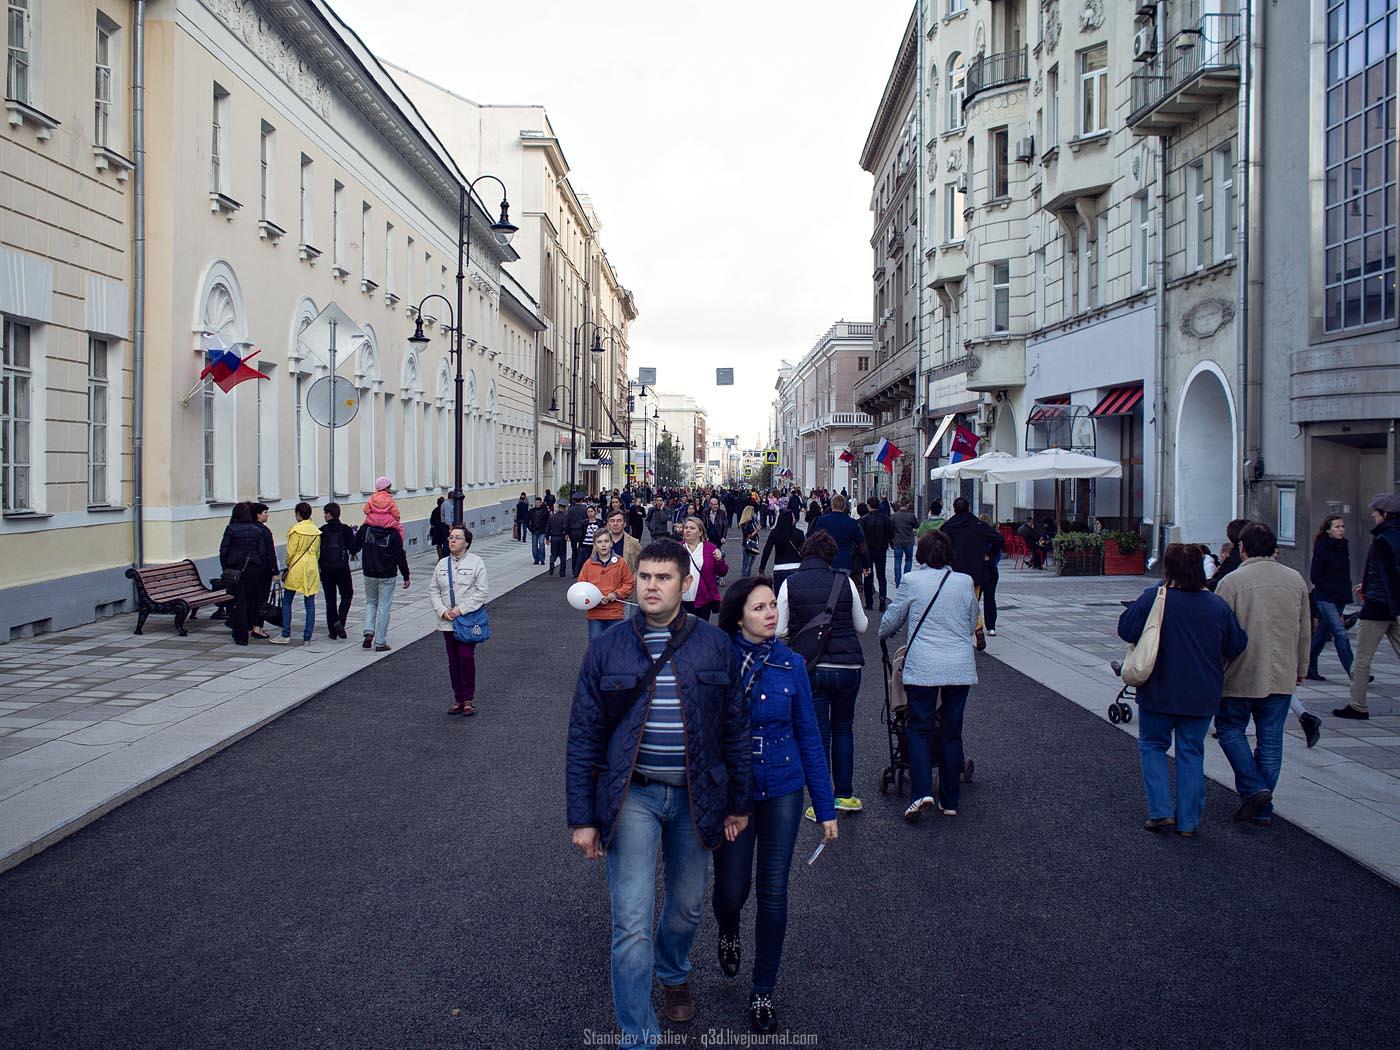 День города - Москва - 2013 - #042